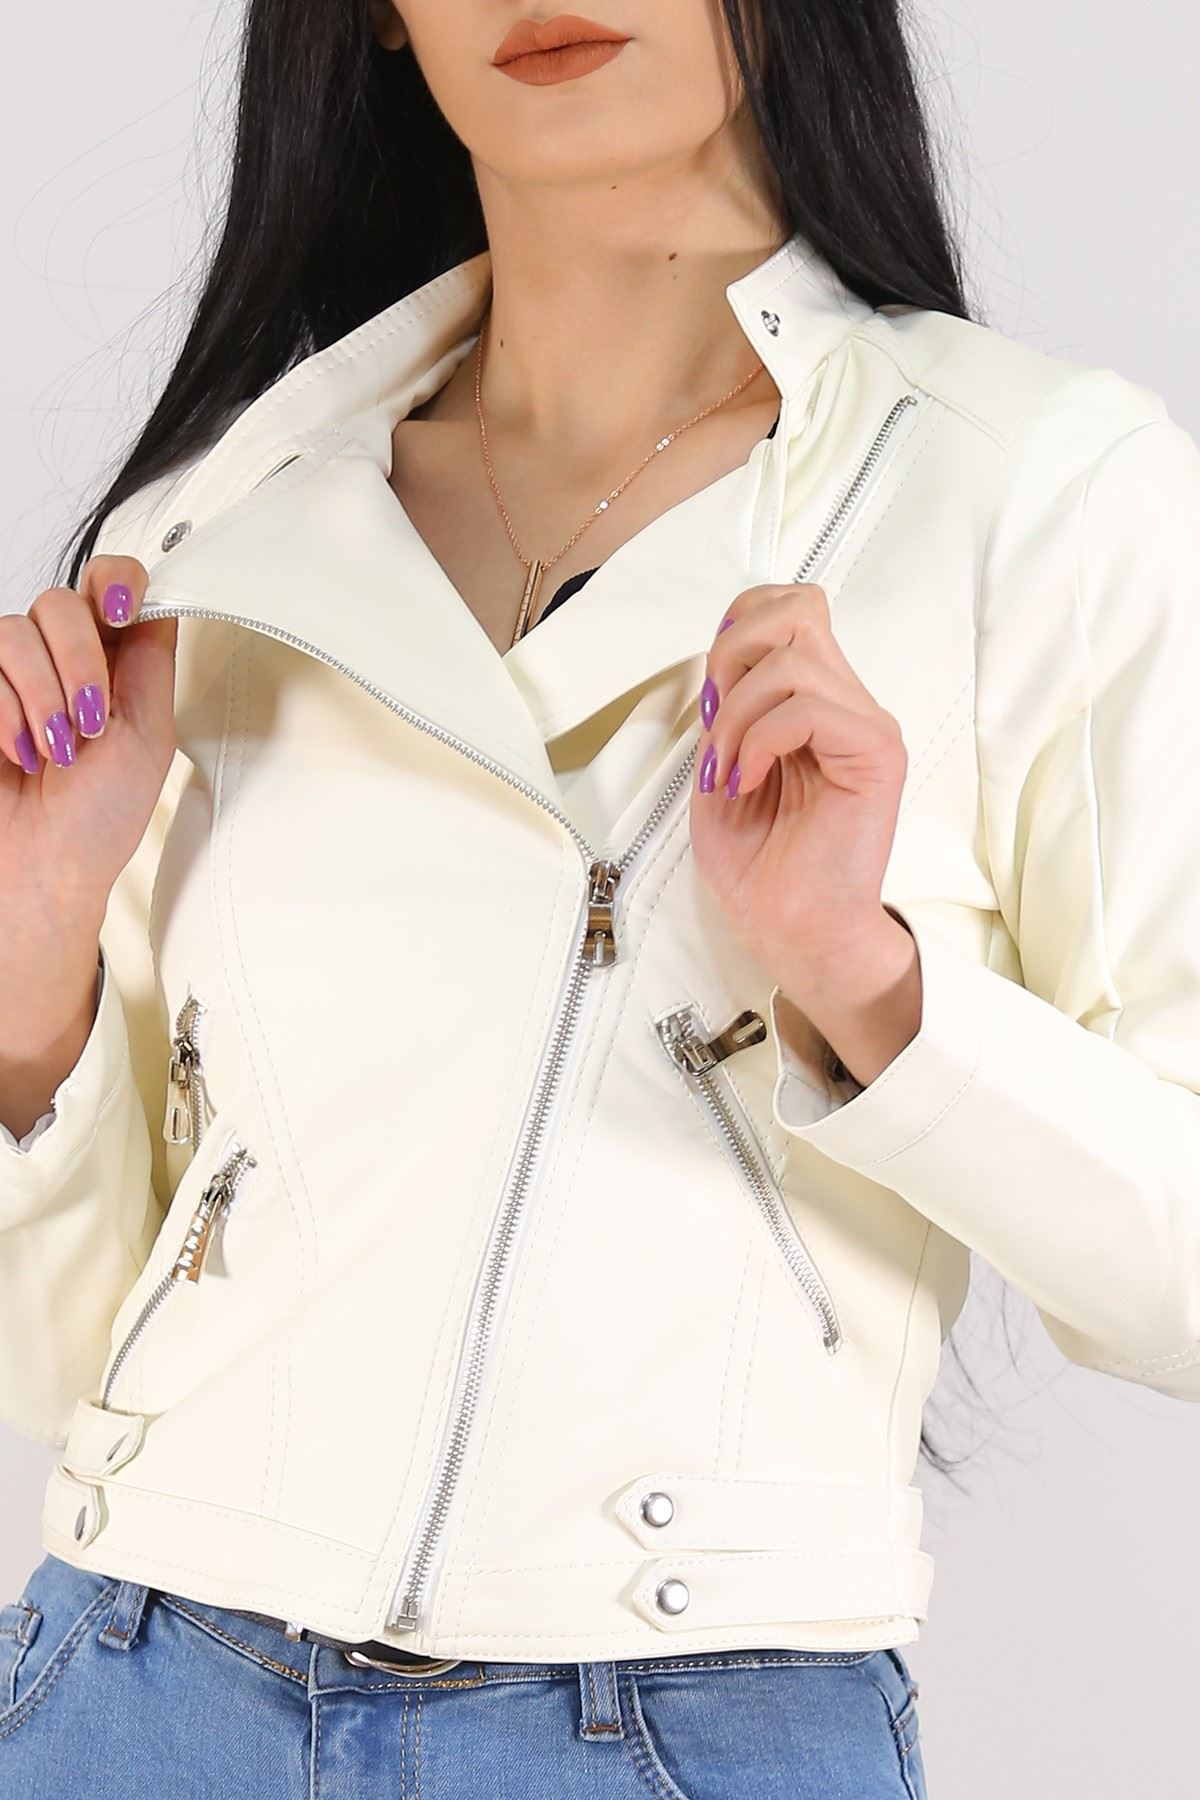 Çift Fermuarlı Deri Ceket Beyaz - 1004.1368. Toptan